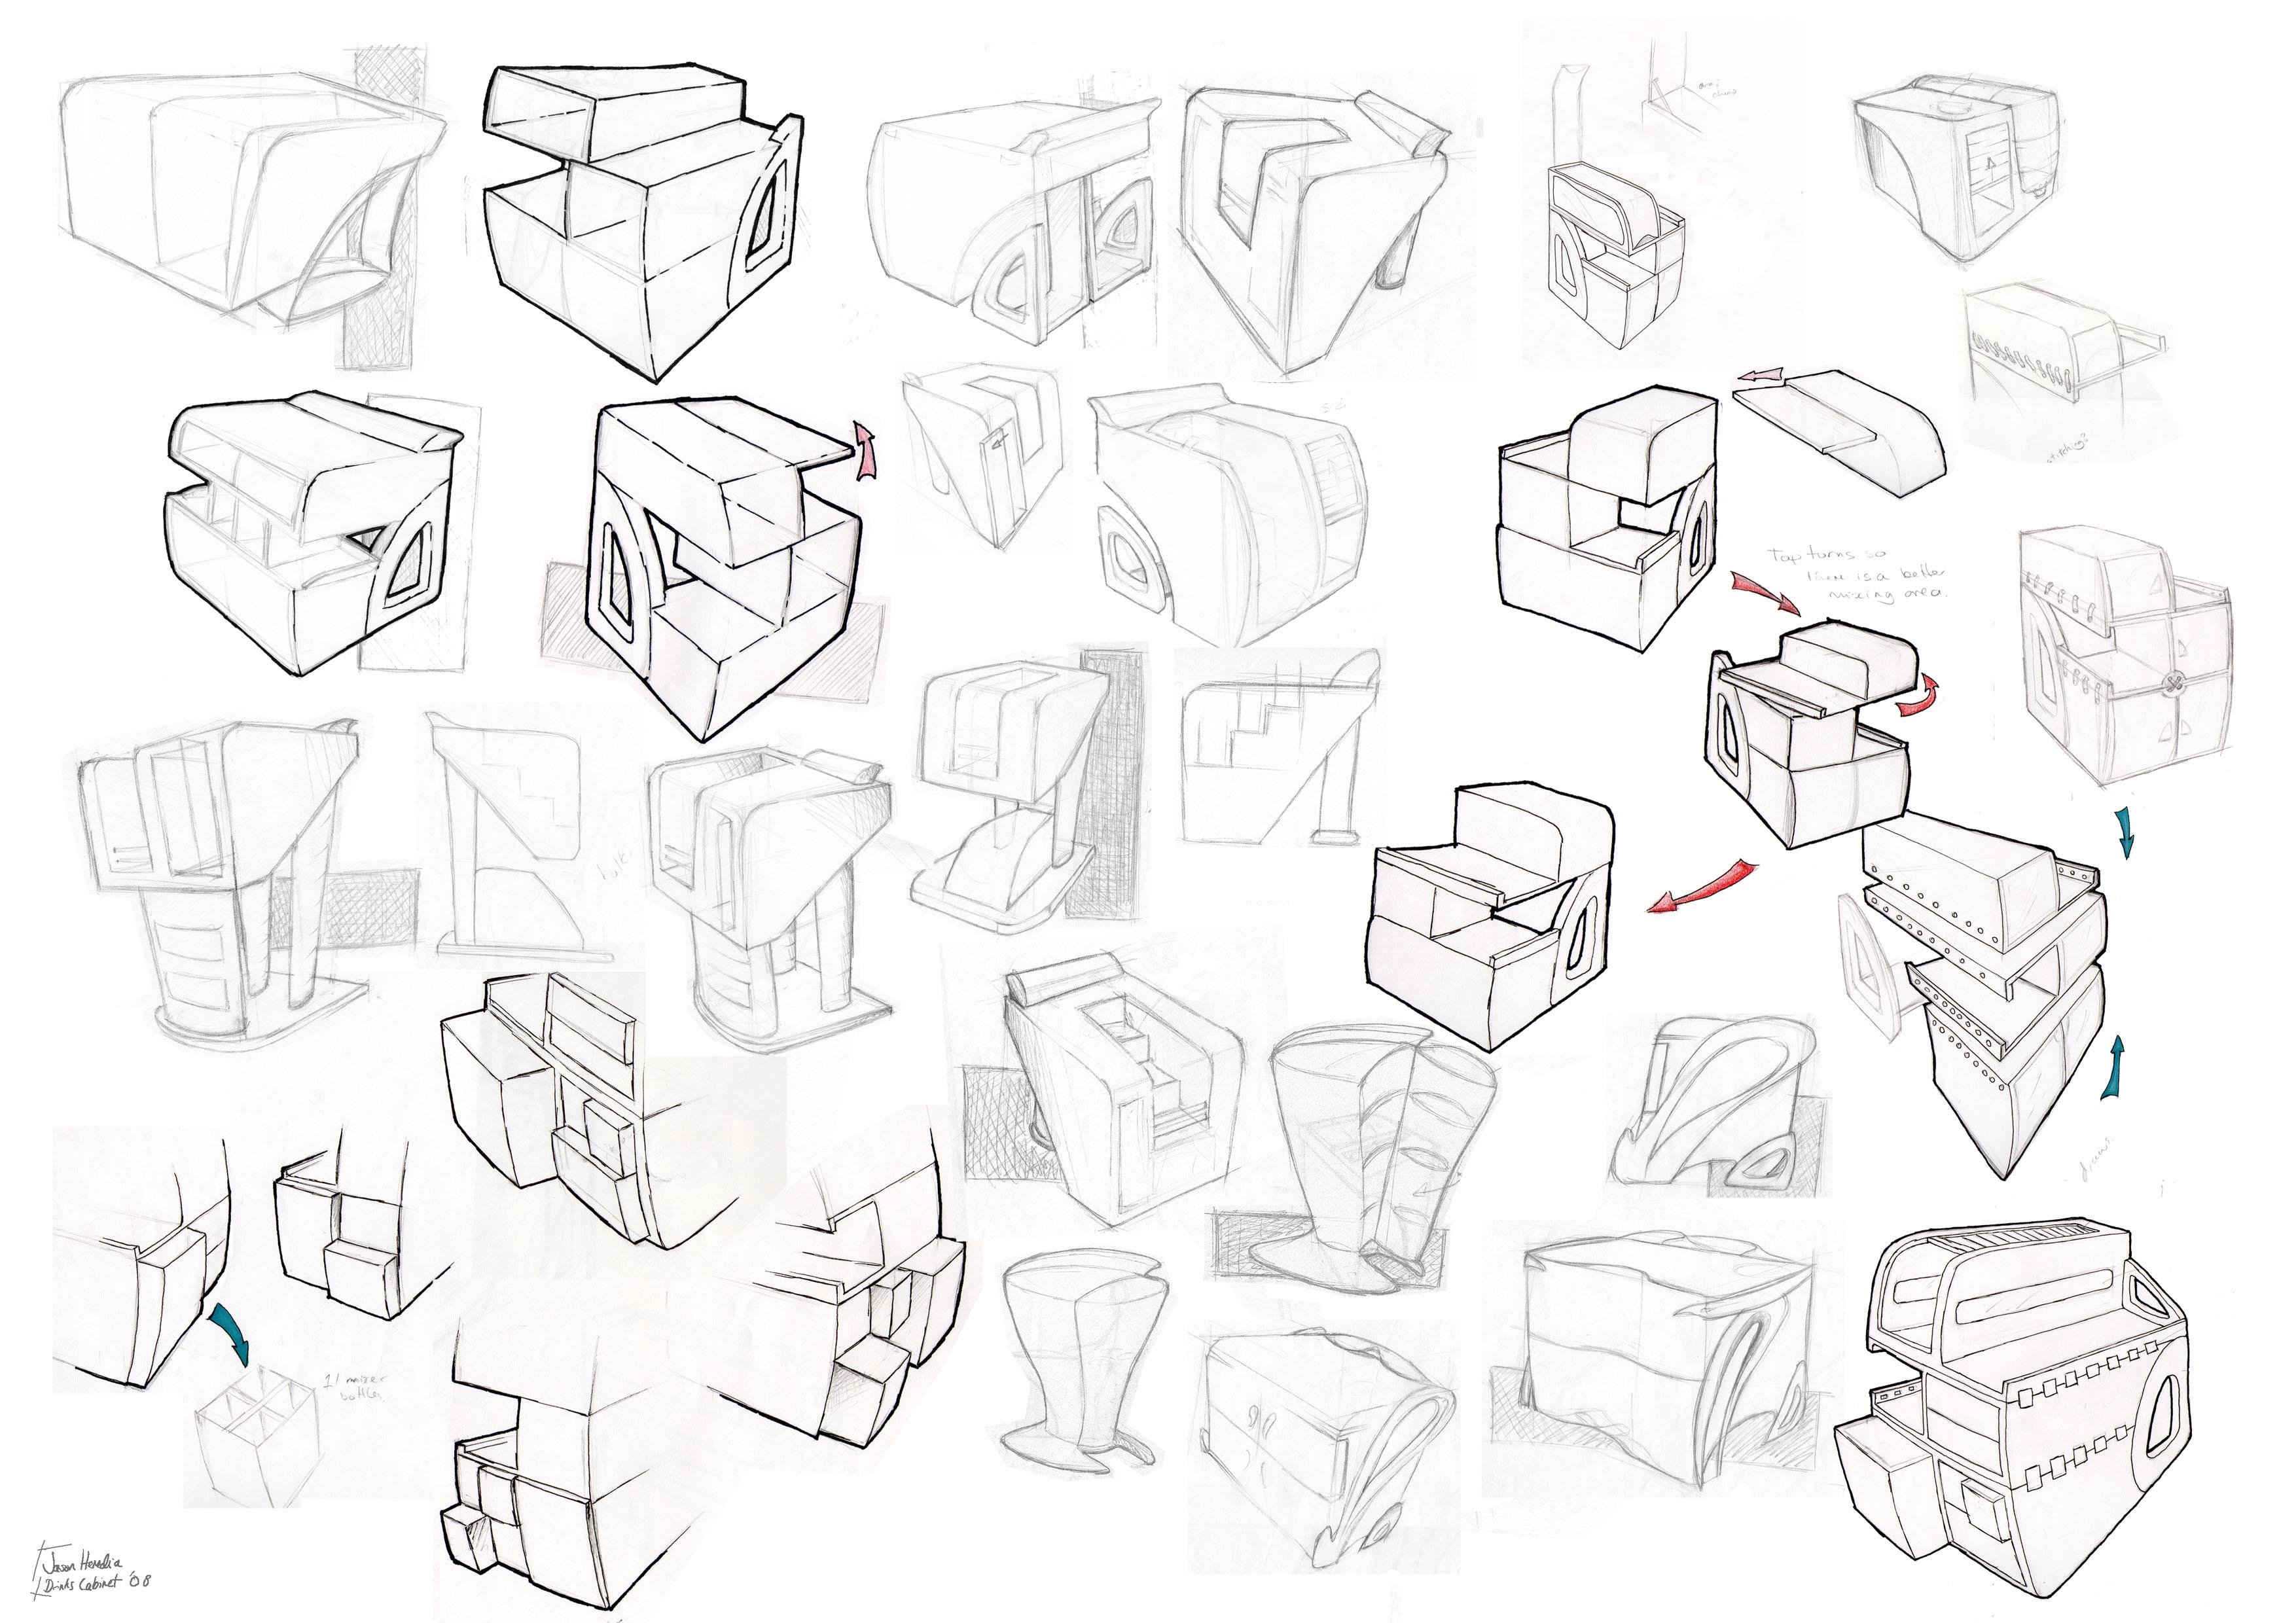 3508x2480 Modern Furniture Modern Furniture Design Sketches Compact